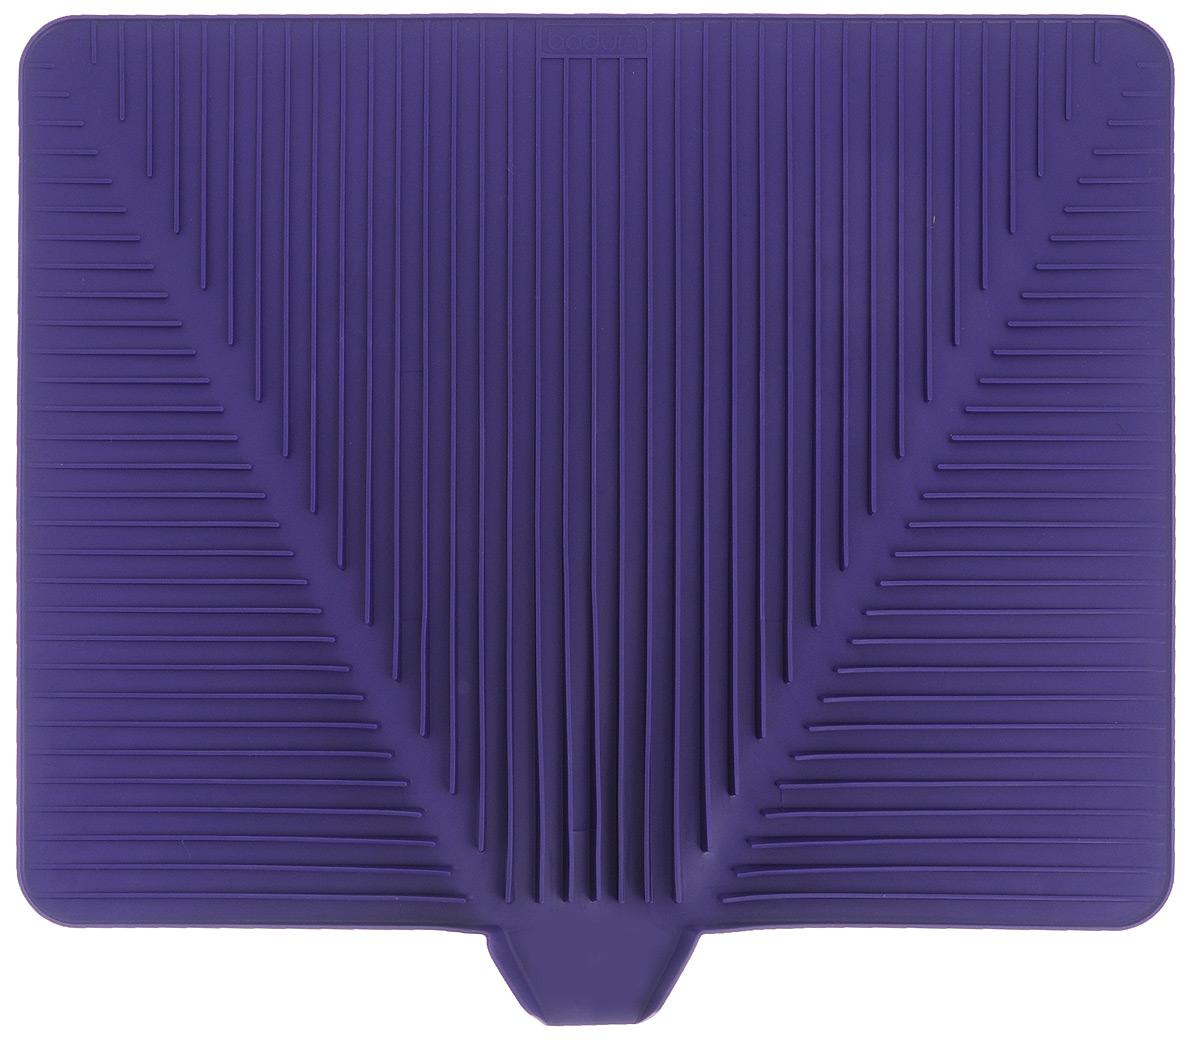 Сушилка для посуды Bodum Bistro, цвет: фиолетовый, 38 х 30 смA11548-914-Y15Эластичная сушилка для посуды Bodum Bistro, выполненная из гибкого силикона, защитит кухонную столешницу от влаги. Благодаря ребристой поверхности, которая расположена под наклоном, вода стекает в одну сторону. Направьте боковой носик в раковину и вода будет стекать туда. Если рядом раковины нет, то используйте обратную сторону сушилки, которая будет просто собирать воду внутри. Ваша посуда высохнет быстрее, если после мойки вы поместите ее на легкую, современную сушилку. Сушилка для посуды Bodum Bistro станет незаменимым атрибутом на вашей кухне.